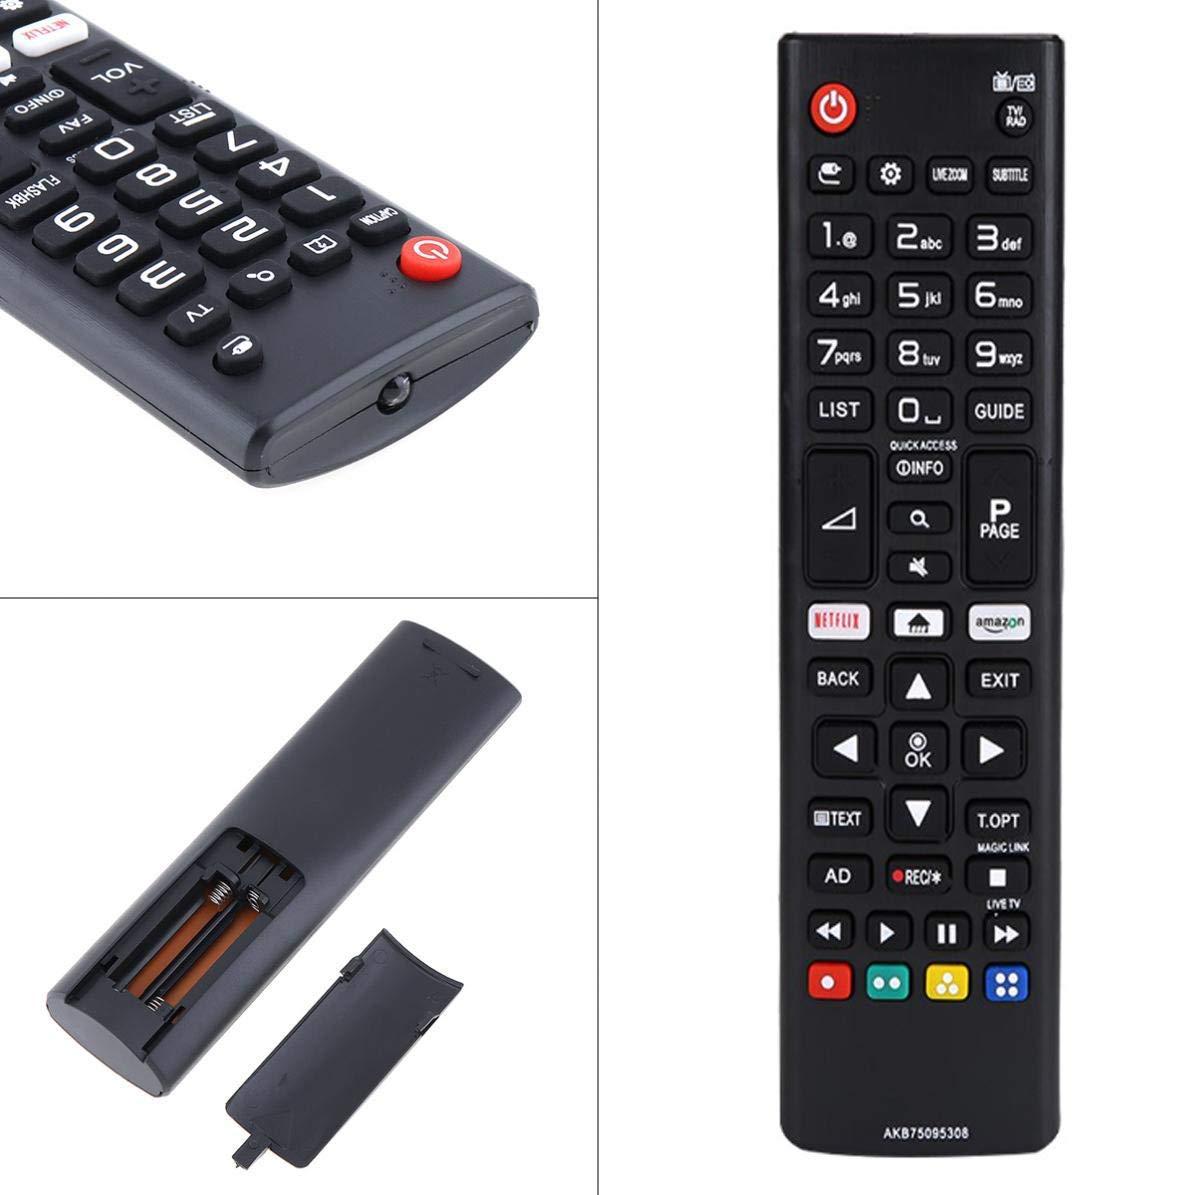 Reemplazo AKB75095308 Mando para LG Smart TV: Amazon.es: Electrónica